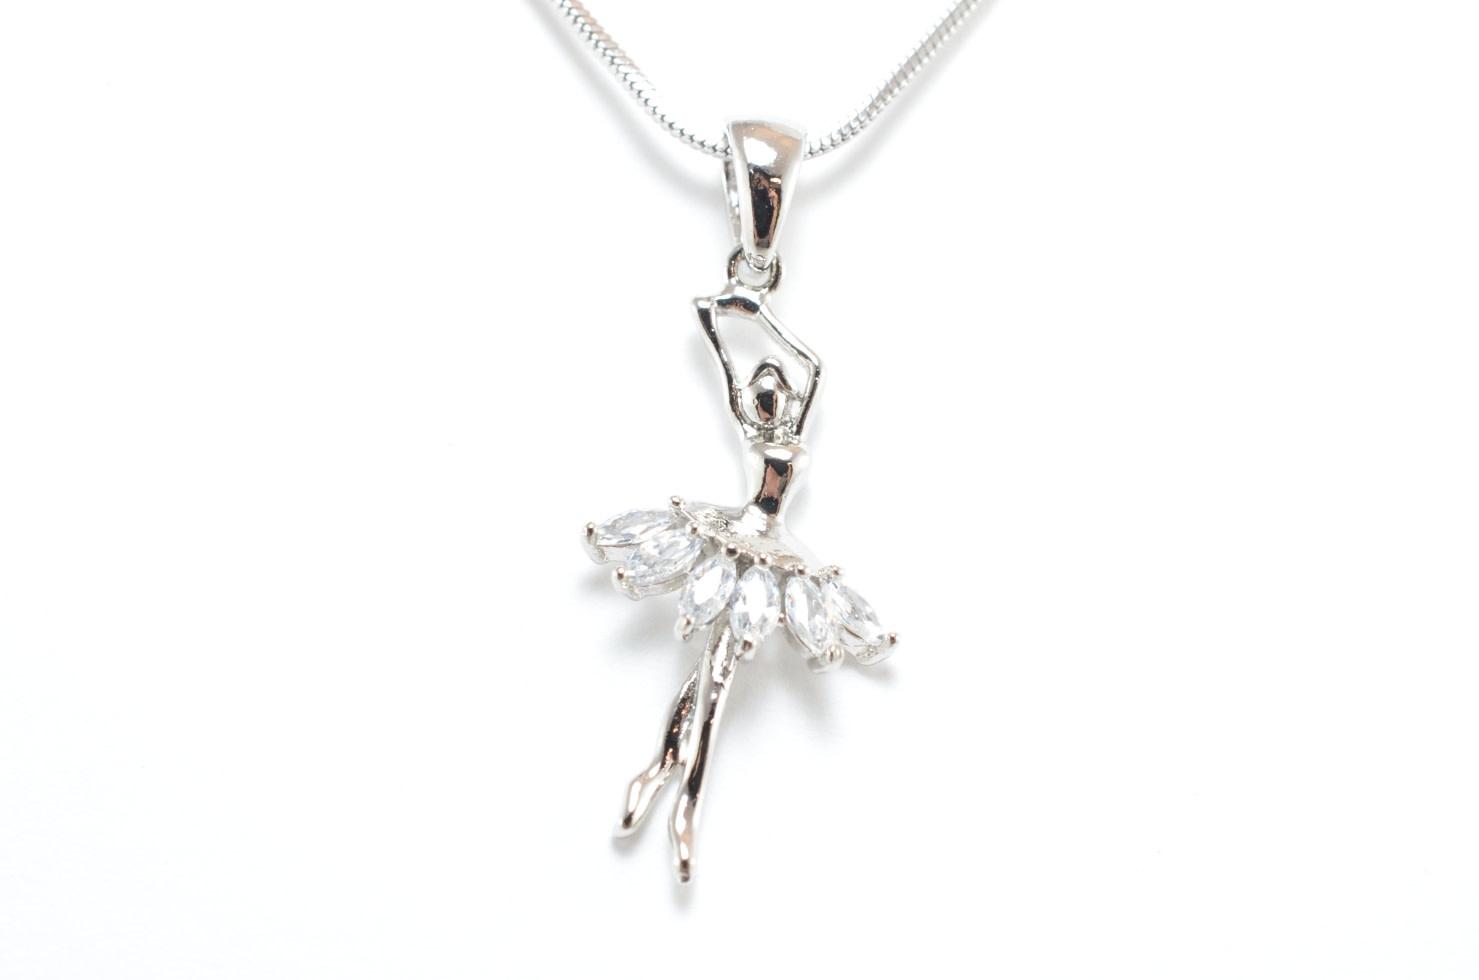 Ballerina Necklace, Yunie 045451H